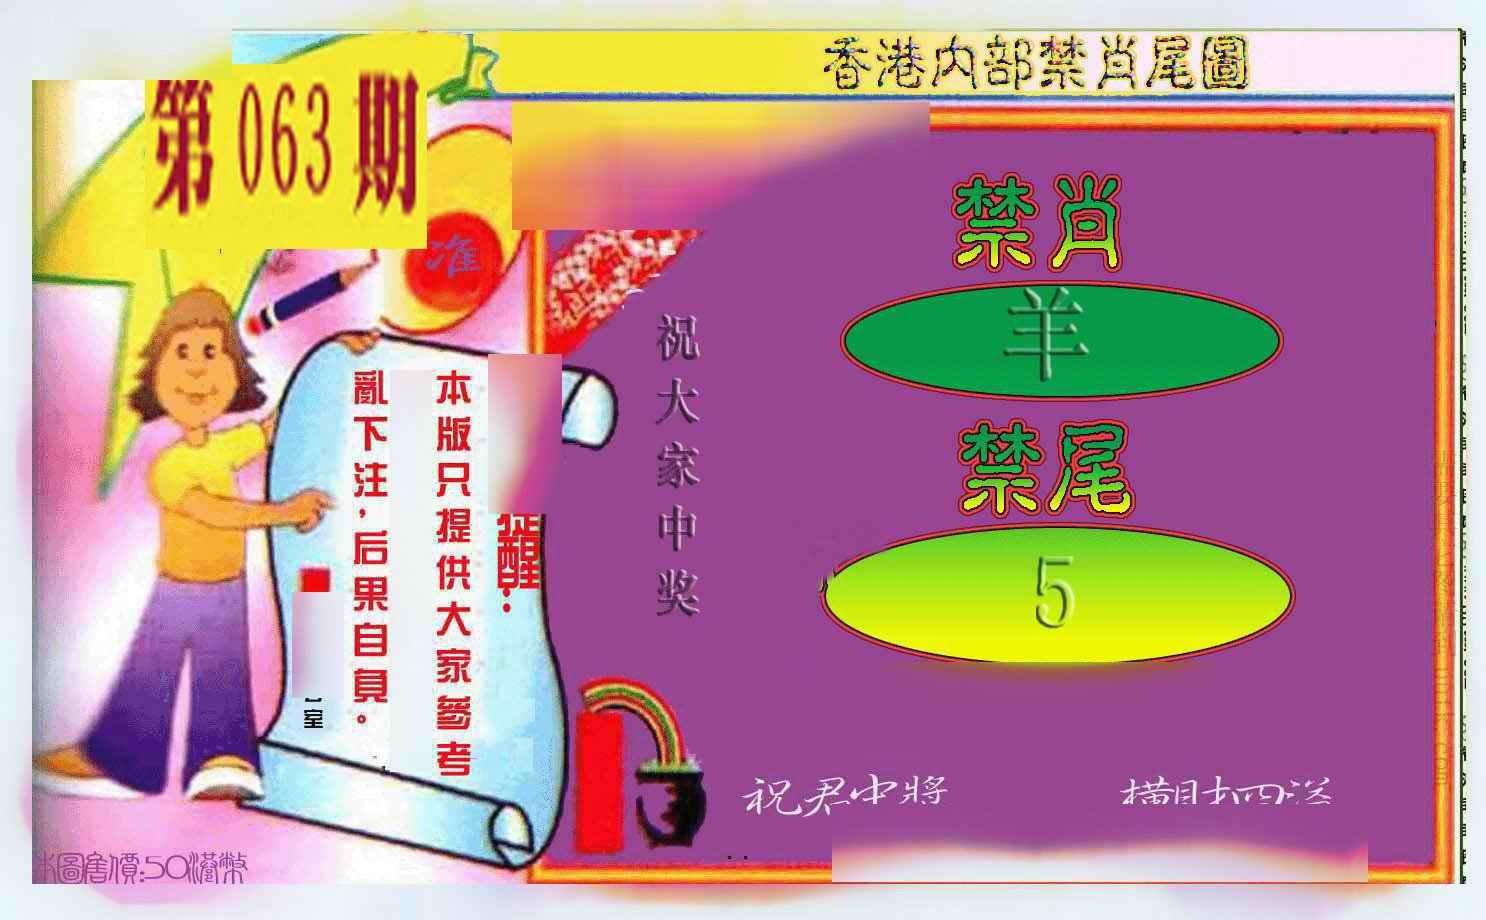 063期禁肖-禁尾图